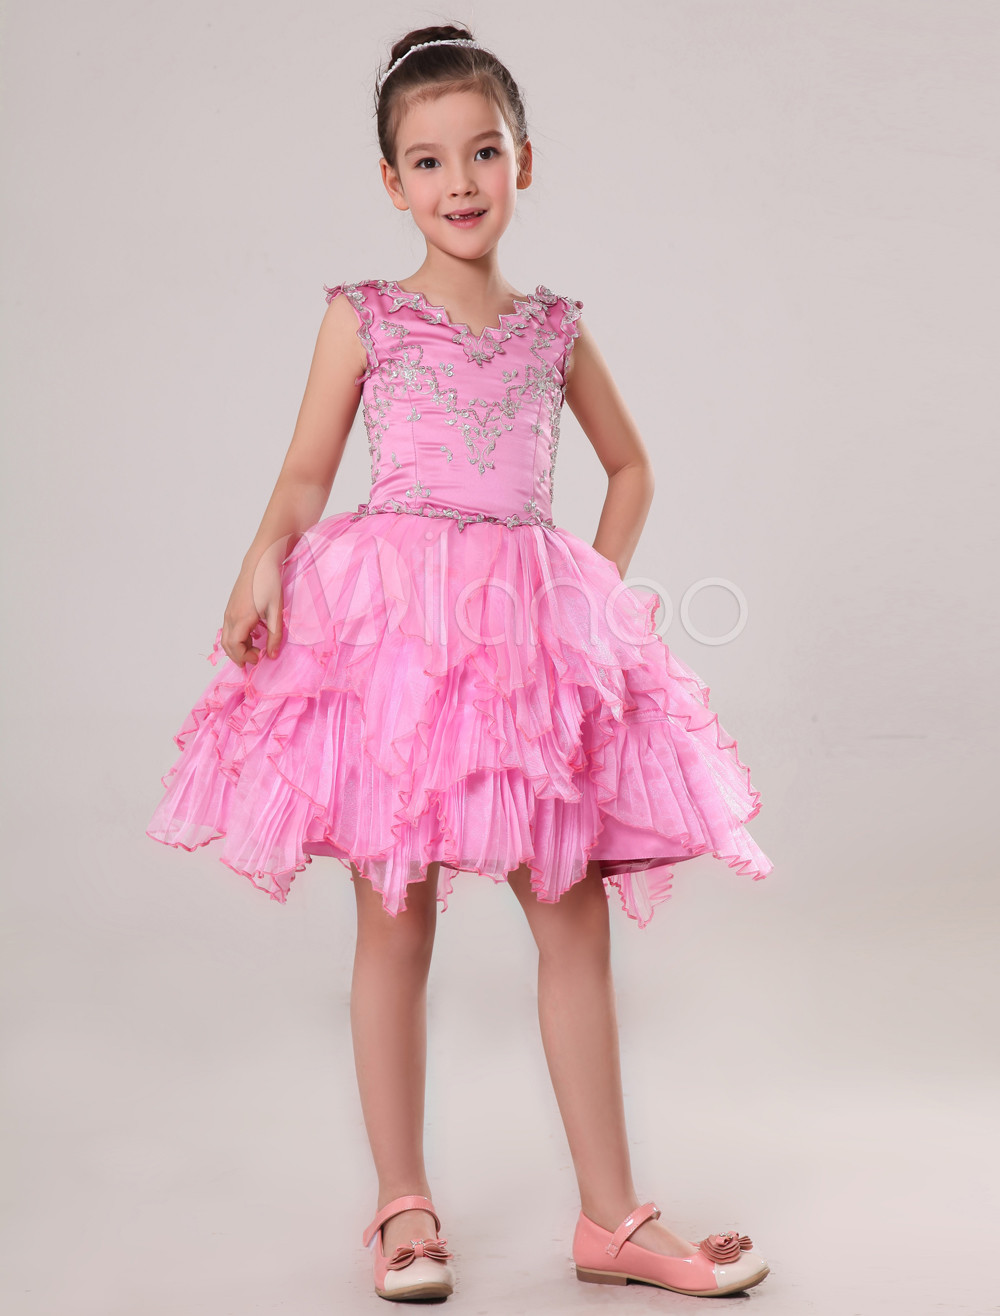 Encantador Vestidos De Dama Niñas Fotos - Colección de Vestidos de ...